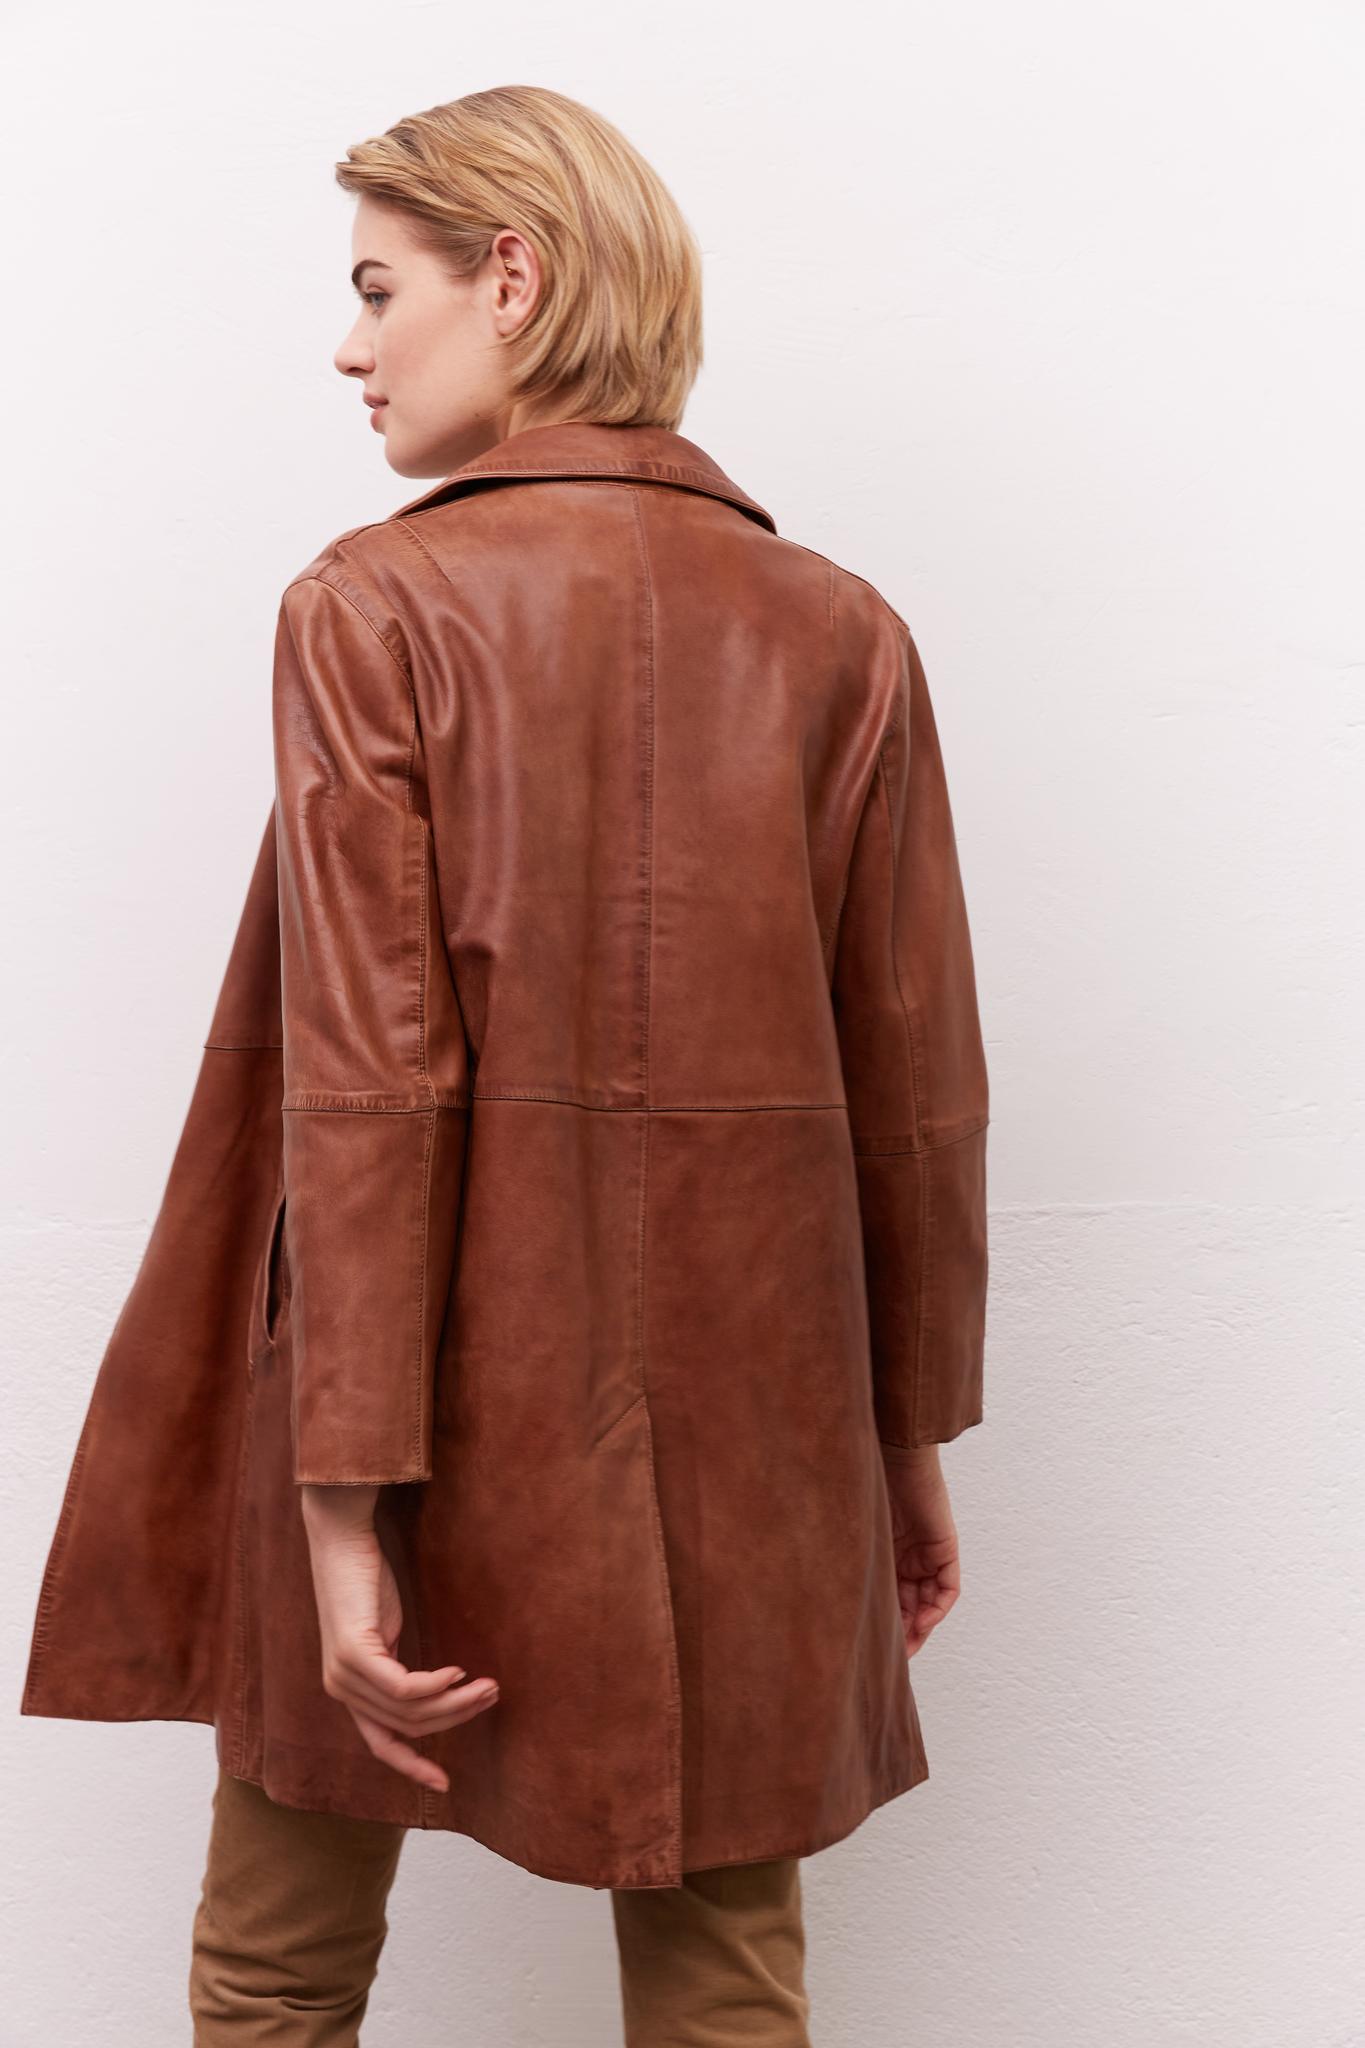 MARILOU - Удлиненная кожаная куртка